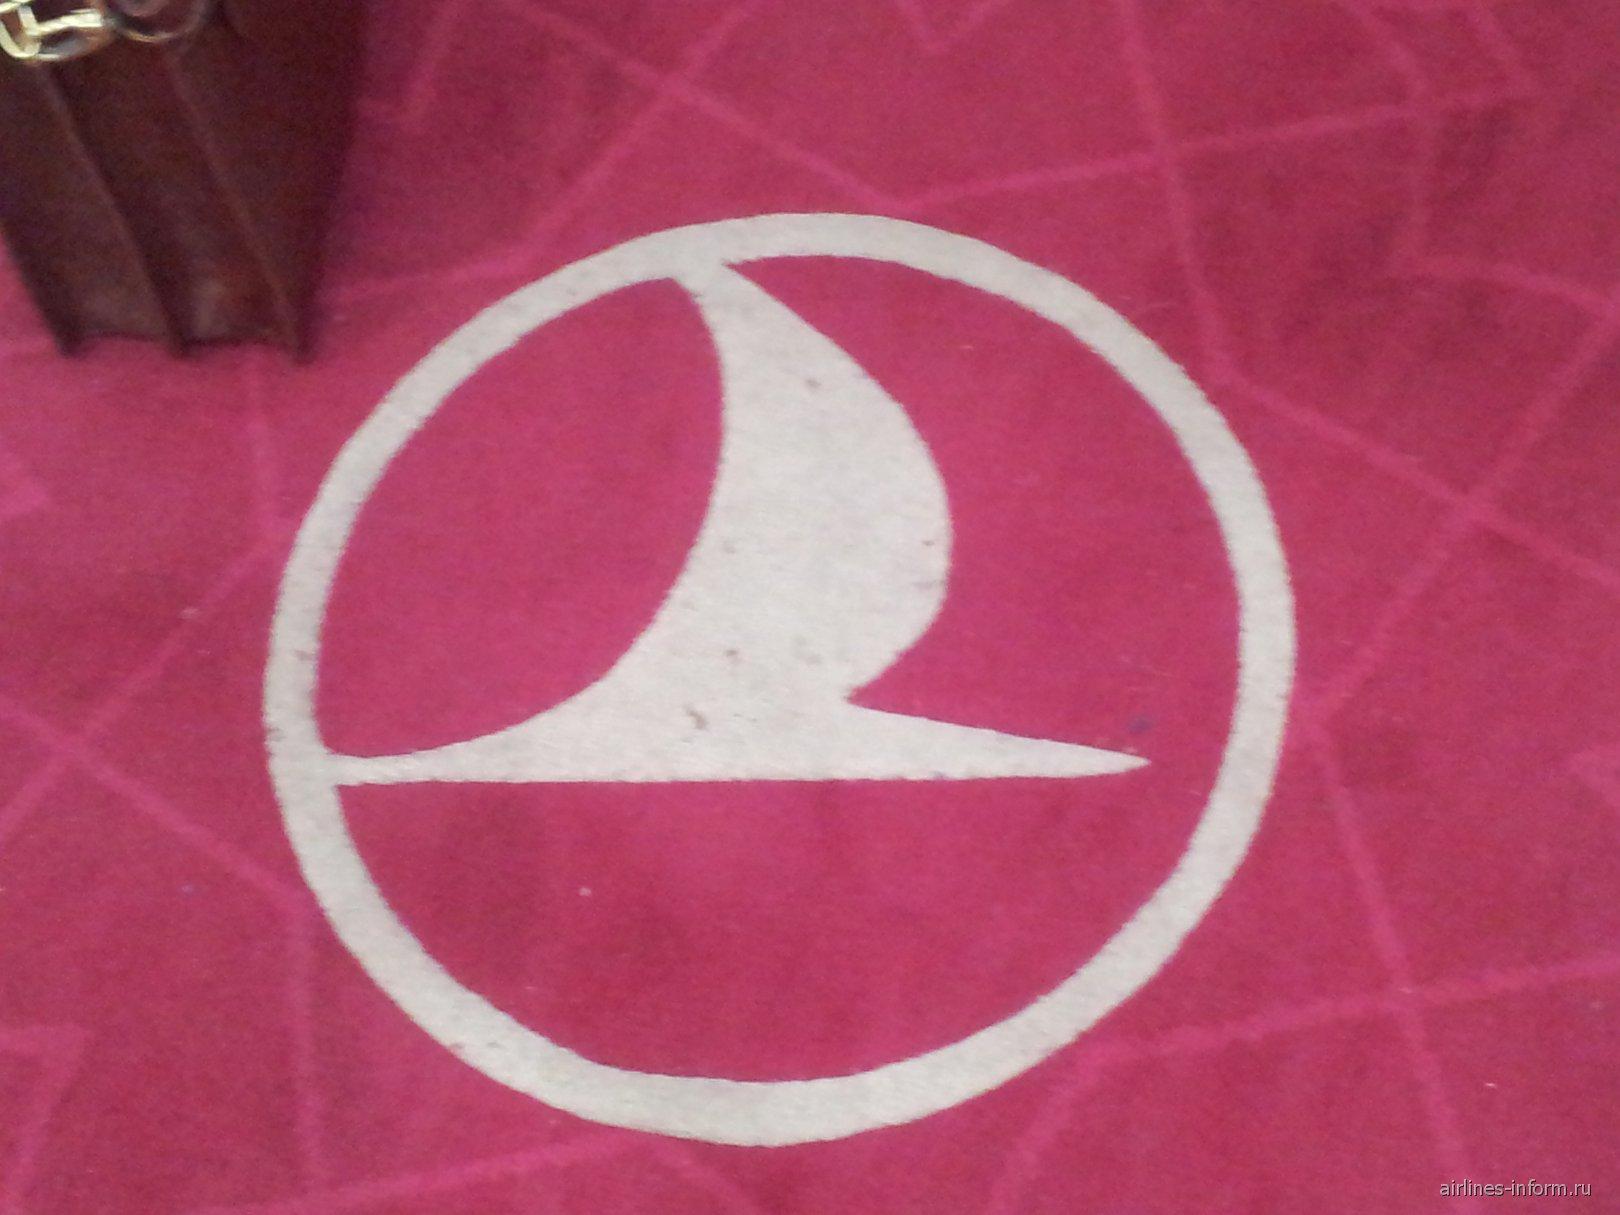 Логотип Турецких авиалиний